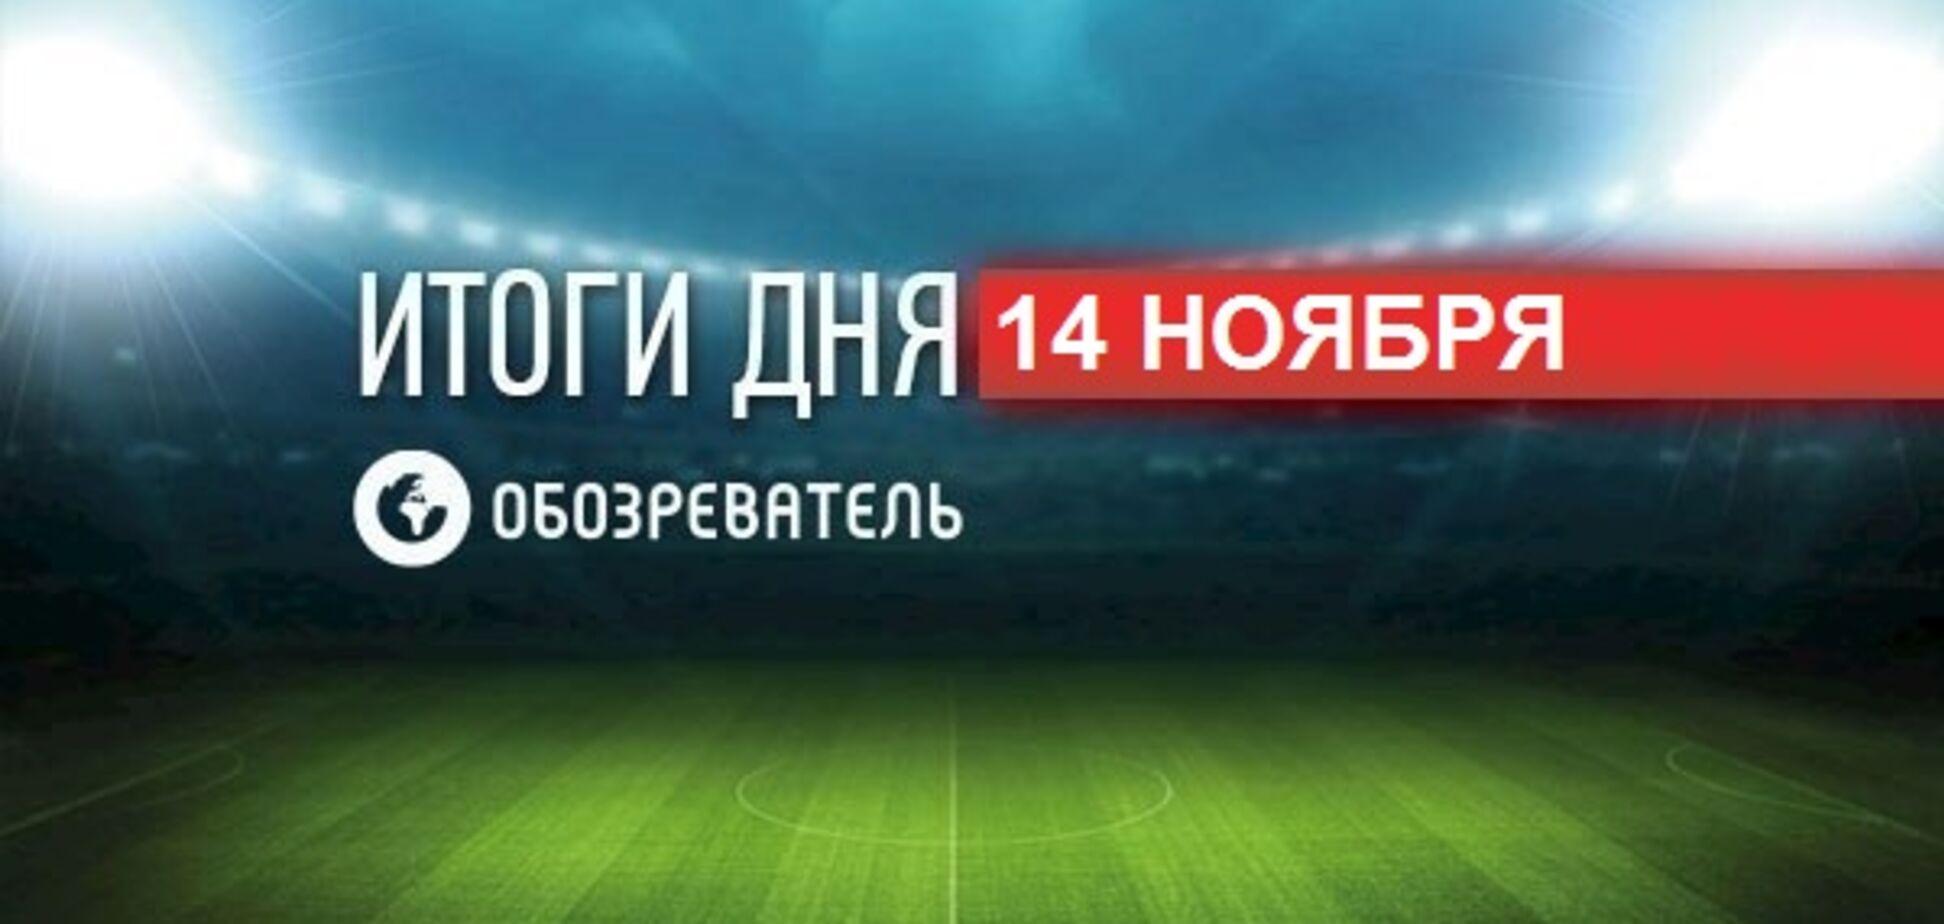 Матч Россия - Испания завершился скандалом: спортивные итоги 14 ноября